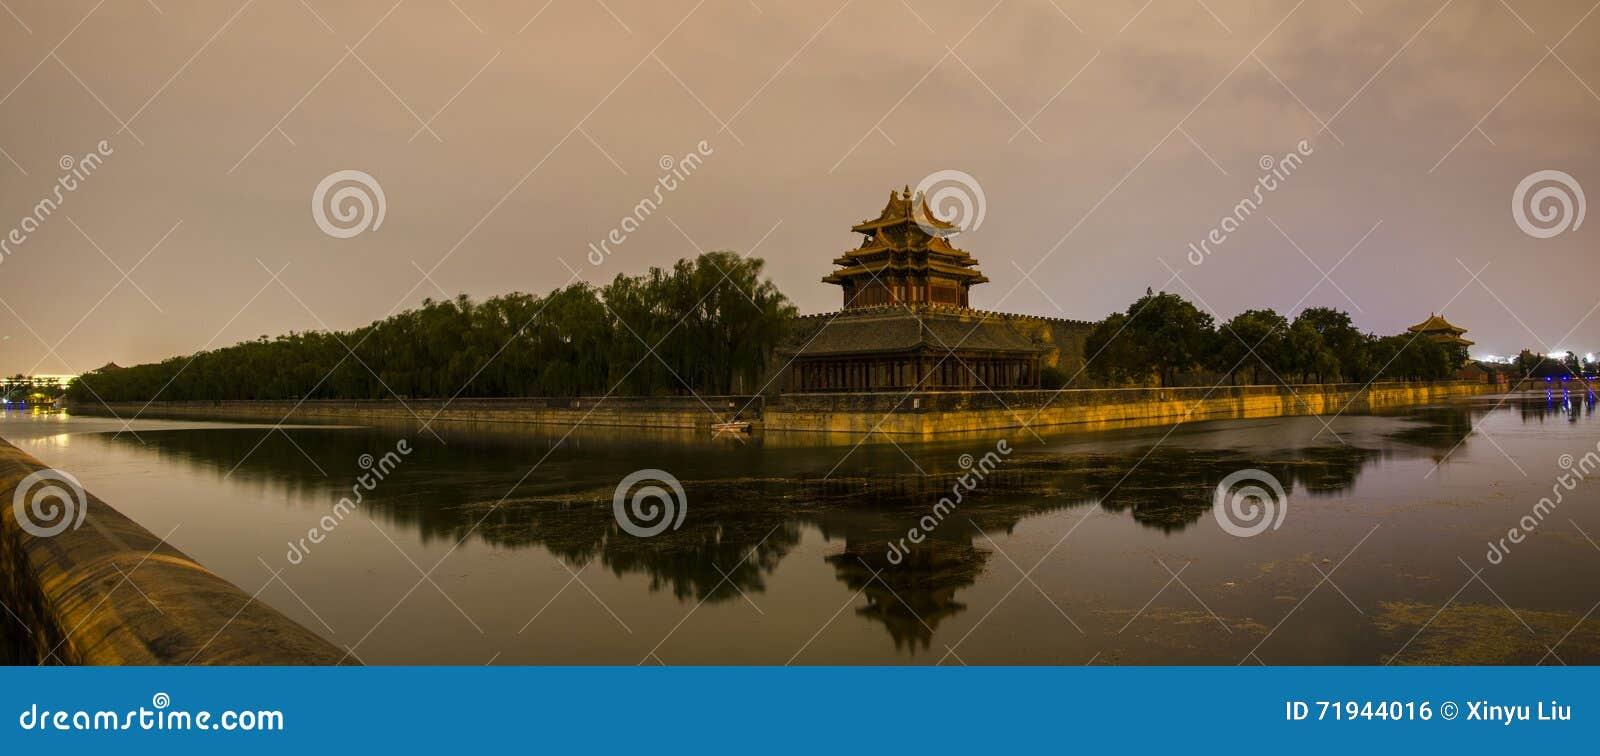 запрещенный город Пекин